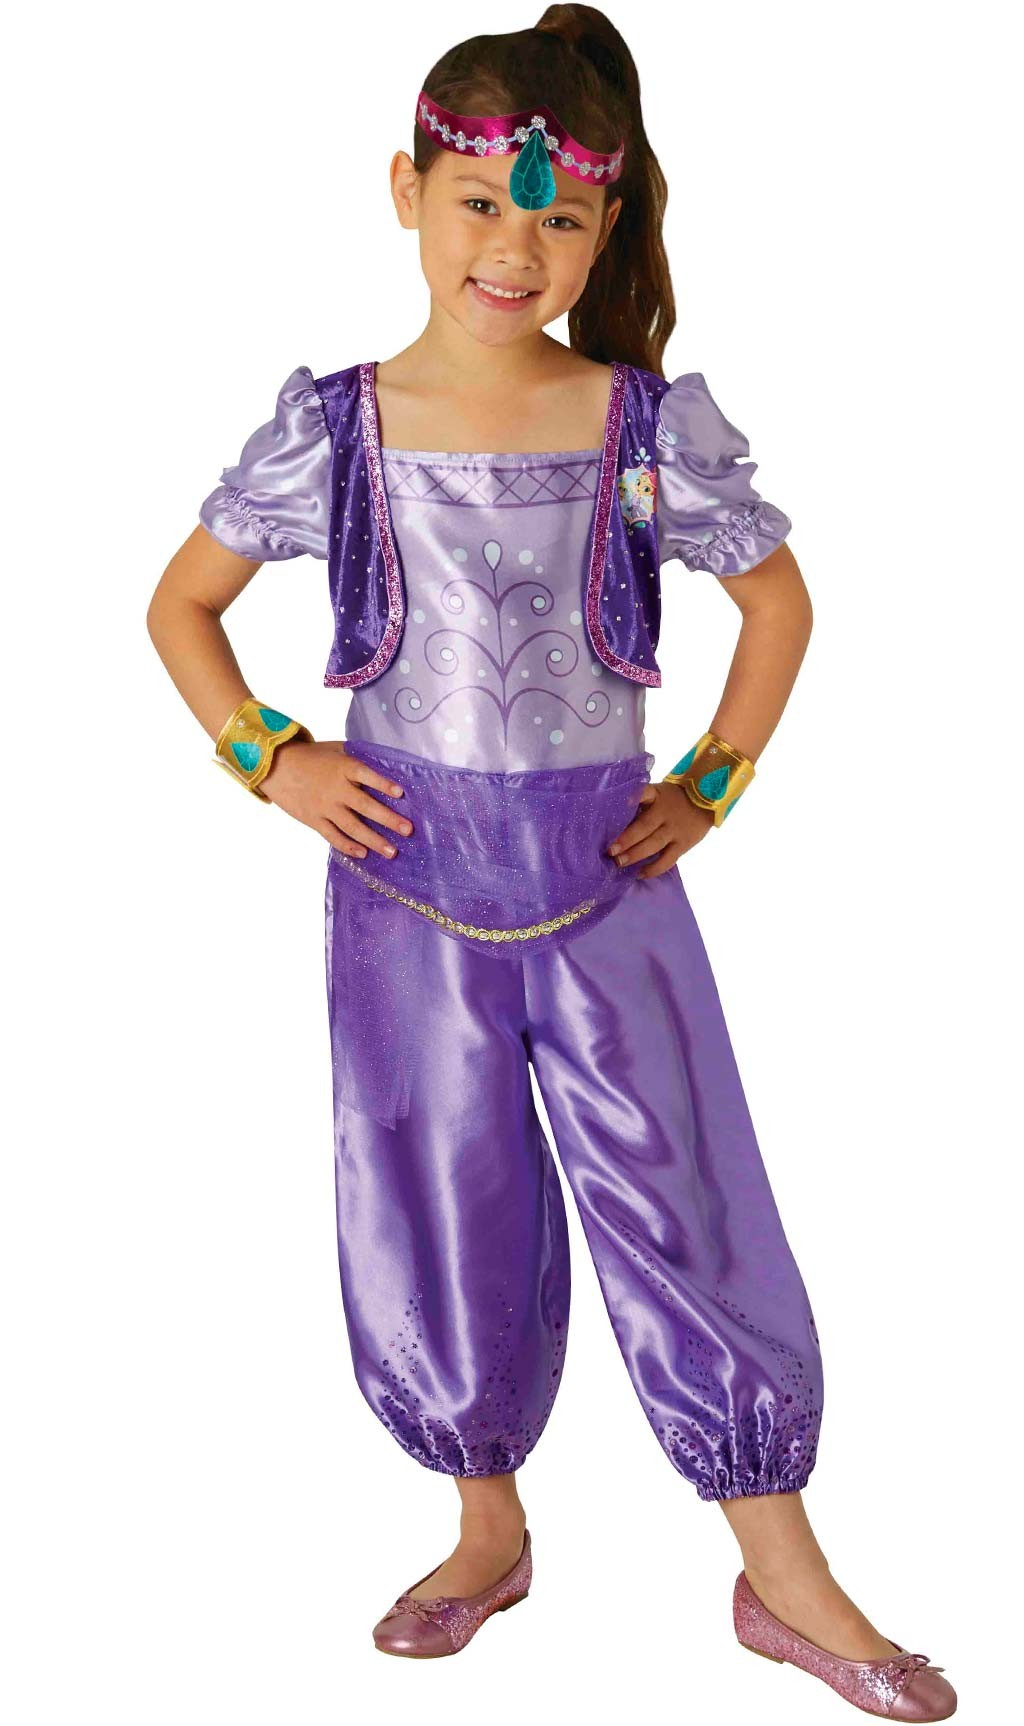 Disfraces de Carnaval para niñas - disfraz árabe